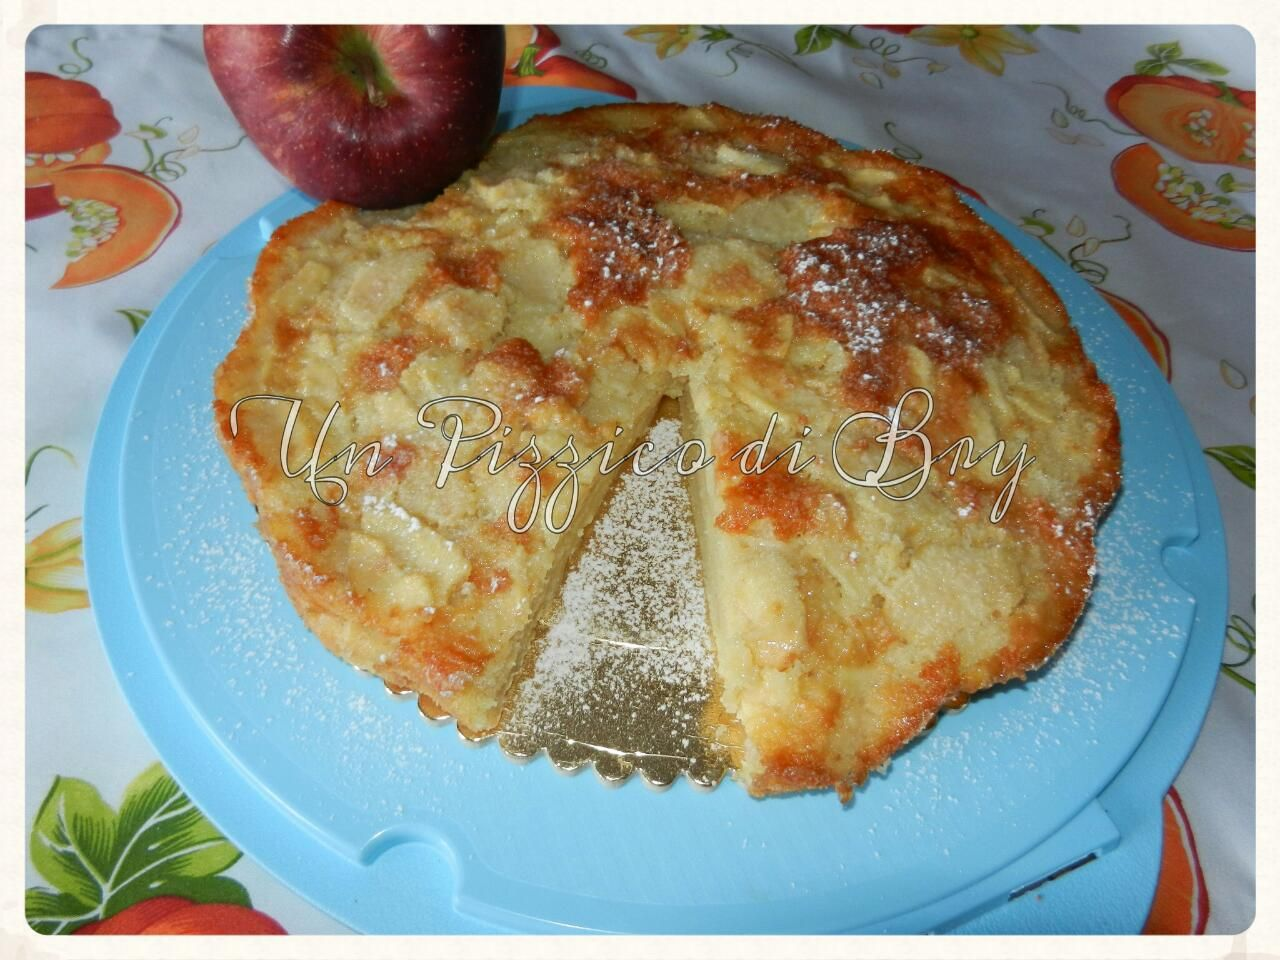 30cfb6dc9035d631758fcd76f4490fc1 - Ricette Torte Salate Benedetta Parodi